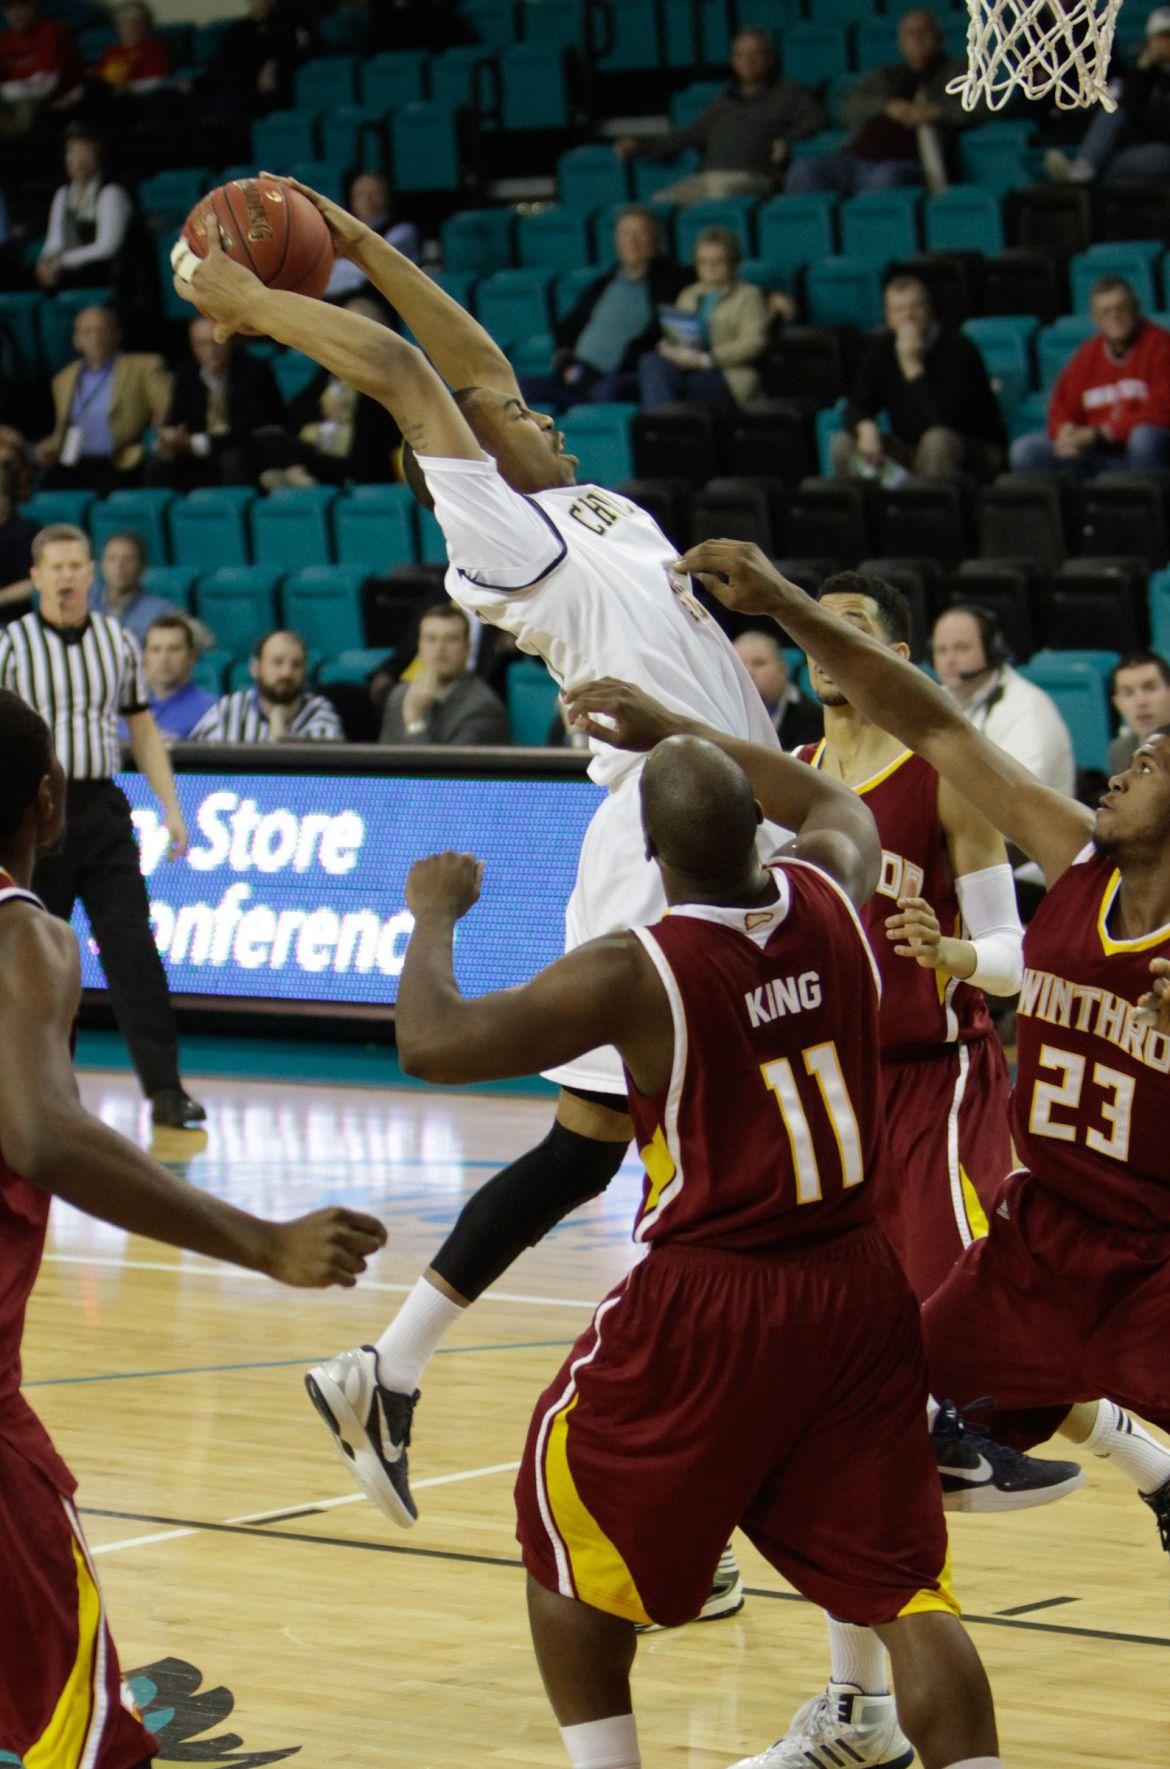 Charleston Southern tops Winthrop to make Big South semifinals